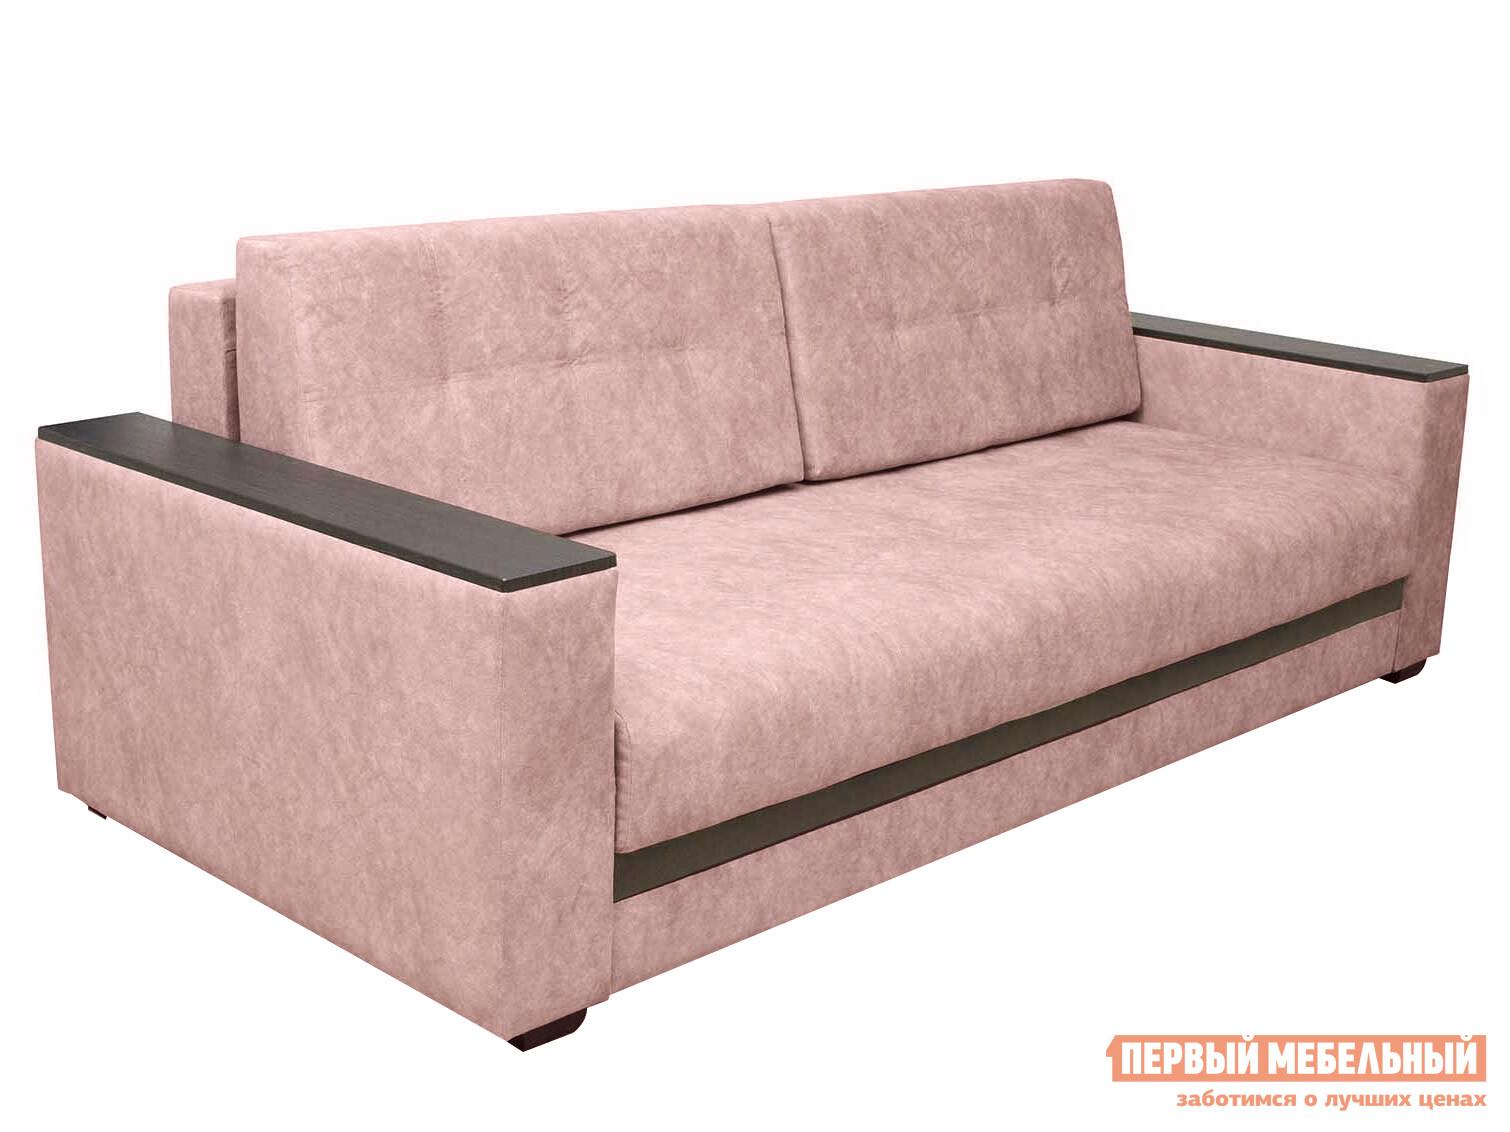 Прямой диван  Виргиния  Розовый Kashemir 810, велюр